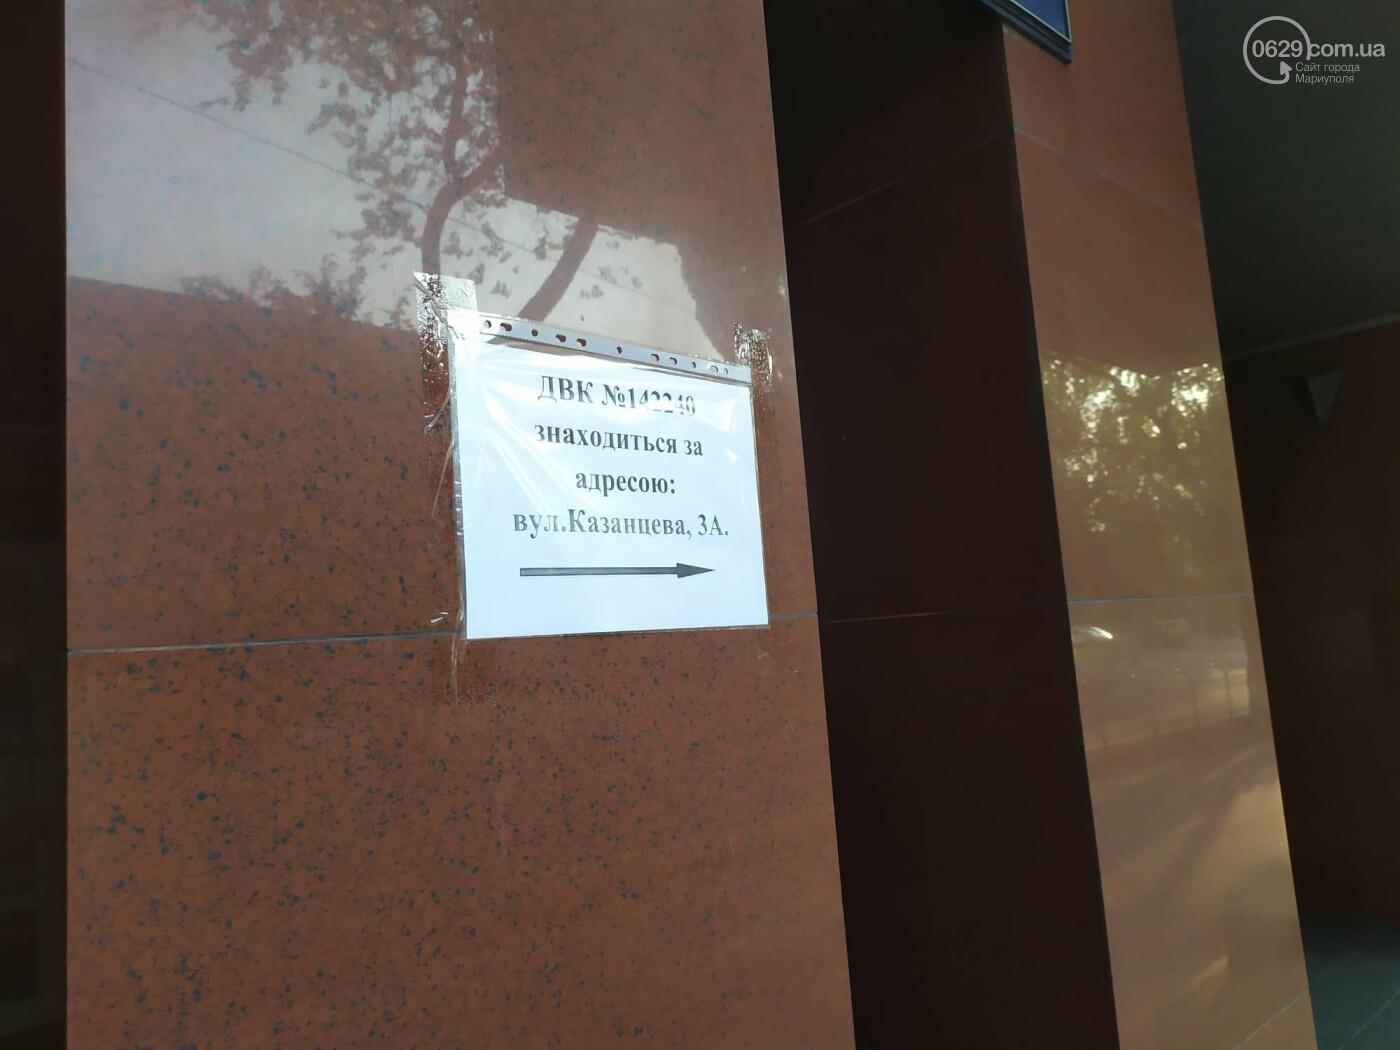 Скандал на избирательном участке. Мариупольцы не могли найти место для голосования, - ФОТО, фото-5